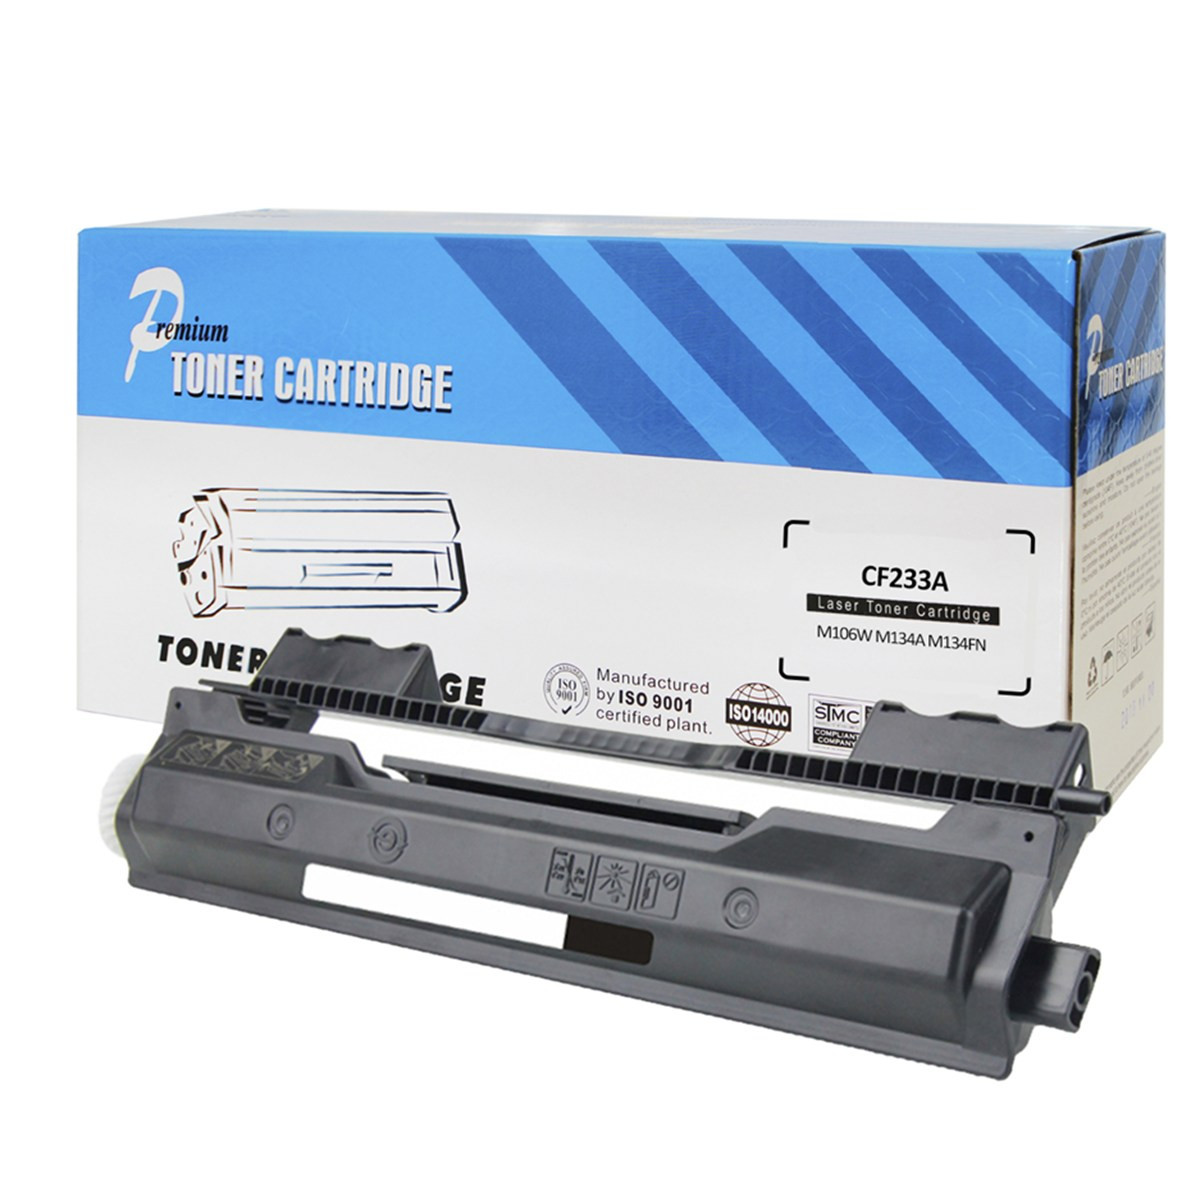 Toner Compatível HP CF233A 33A | M106 M134 M106W M134A M134FN 106W 134A 134FN | Premium 2.3k